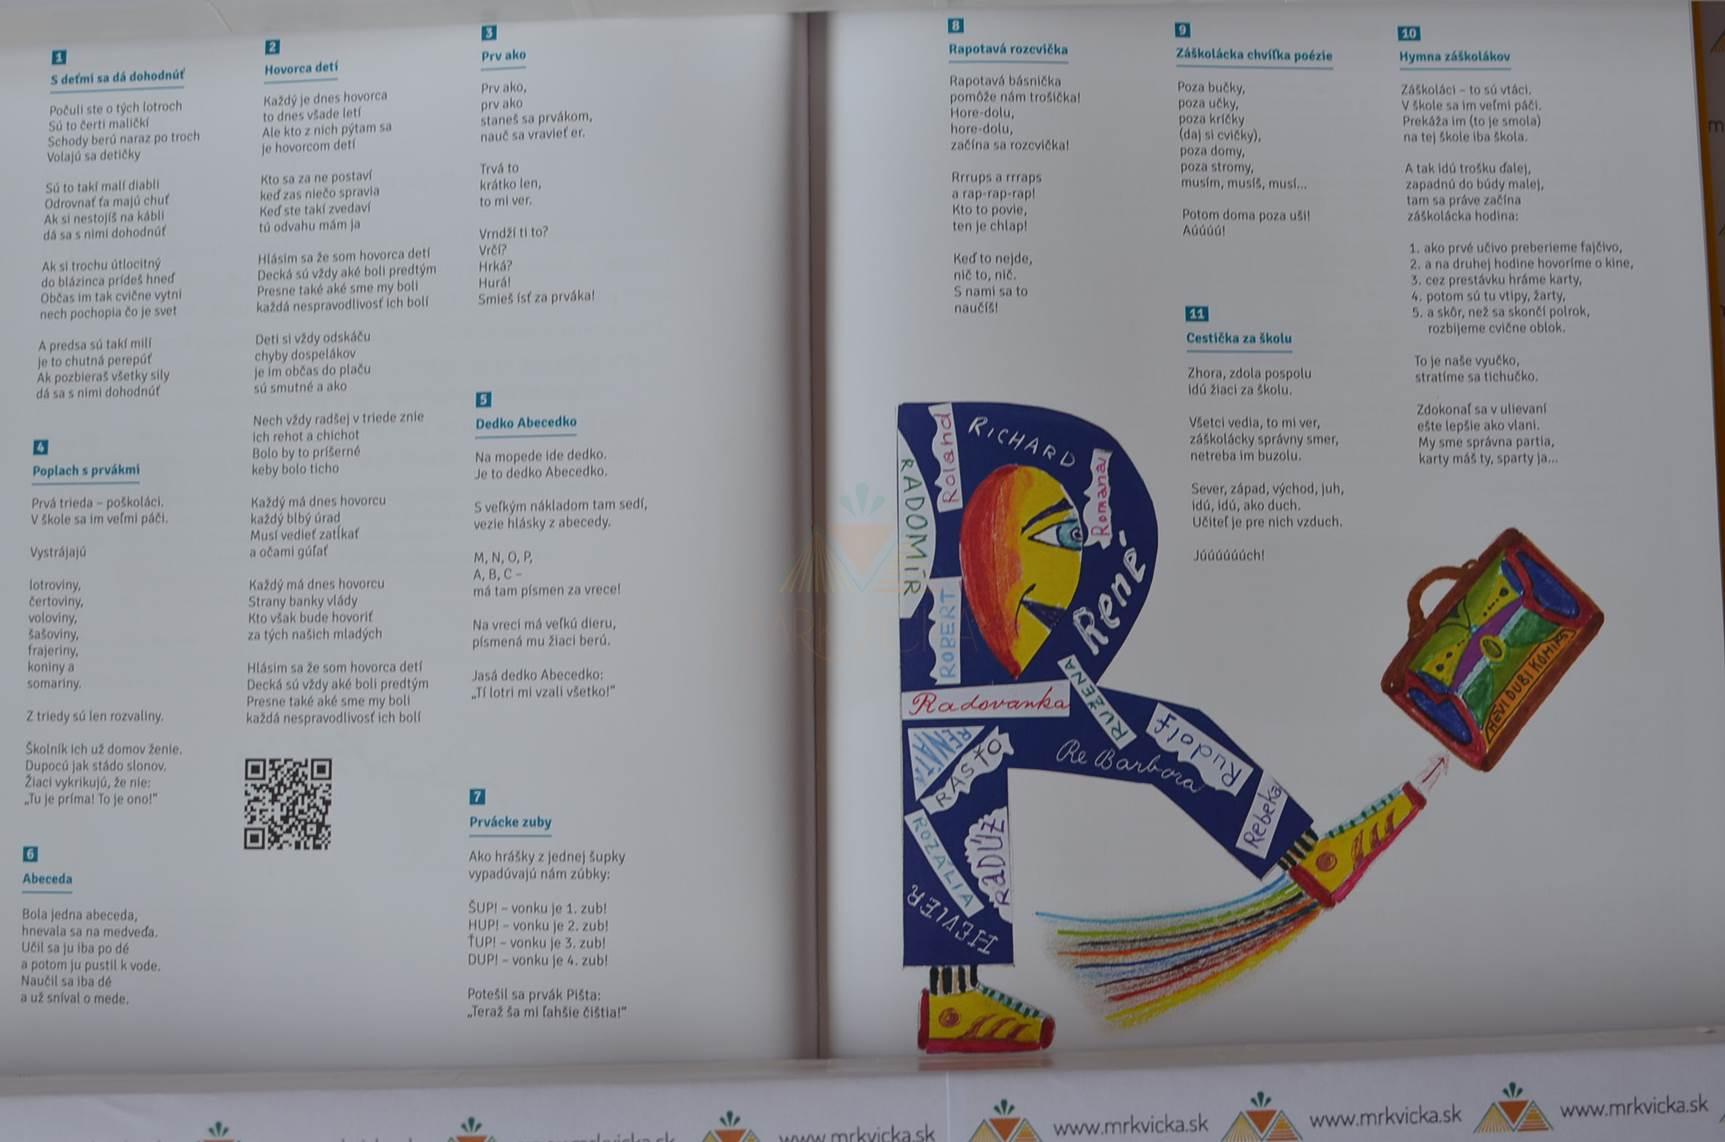 S deťmi sa dá dohodnúť - 600 + 6 básničiek pre deti